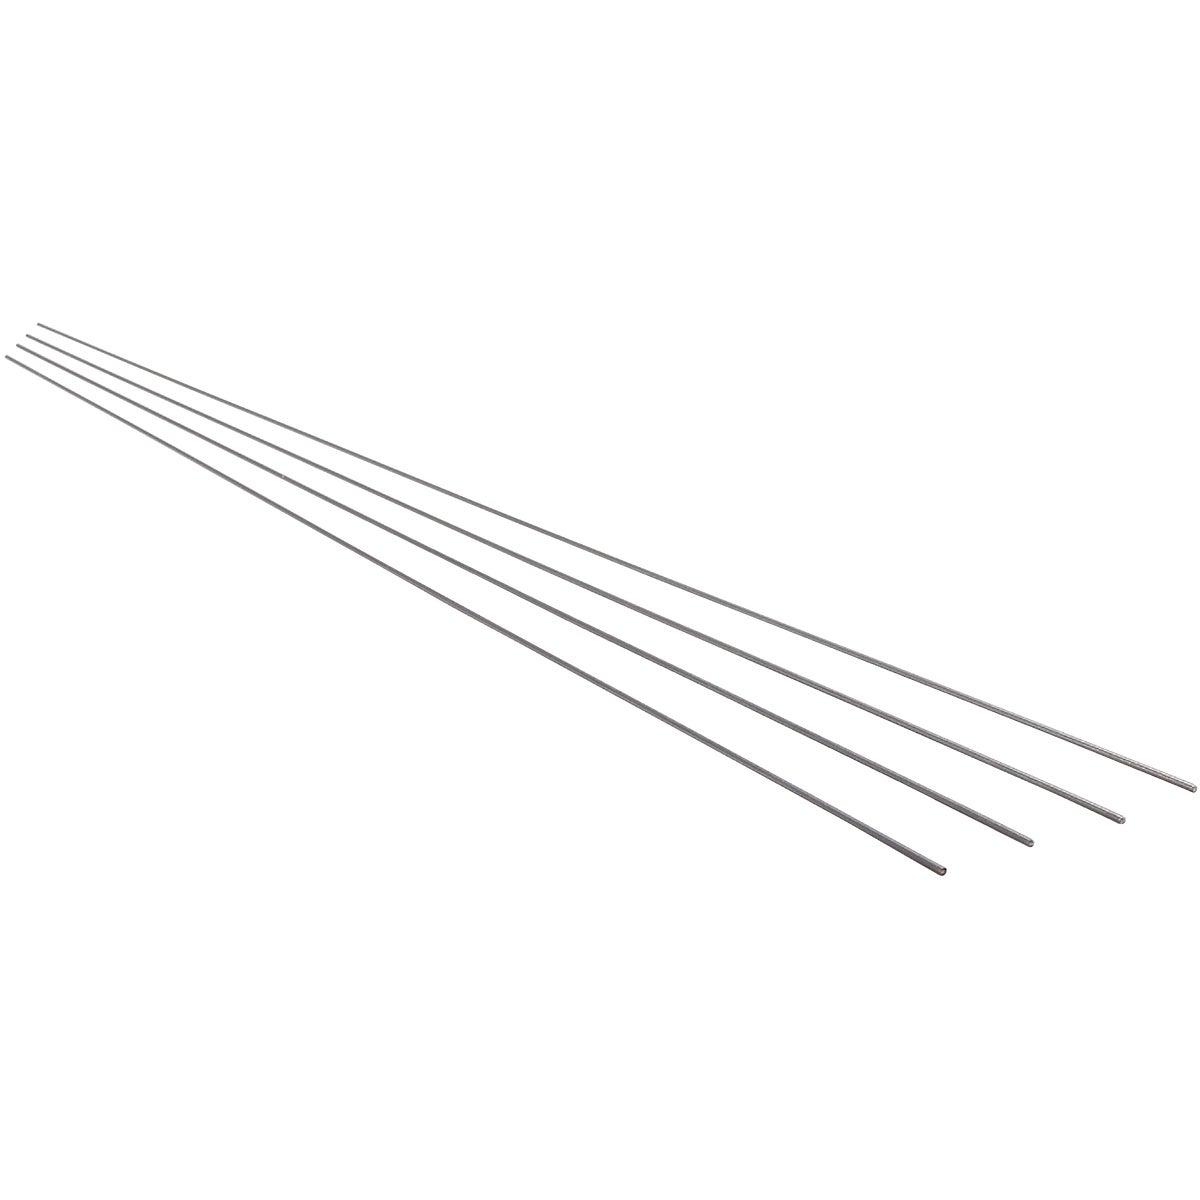 K&S .020 In. x 36 In. Steel Music Wire